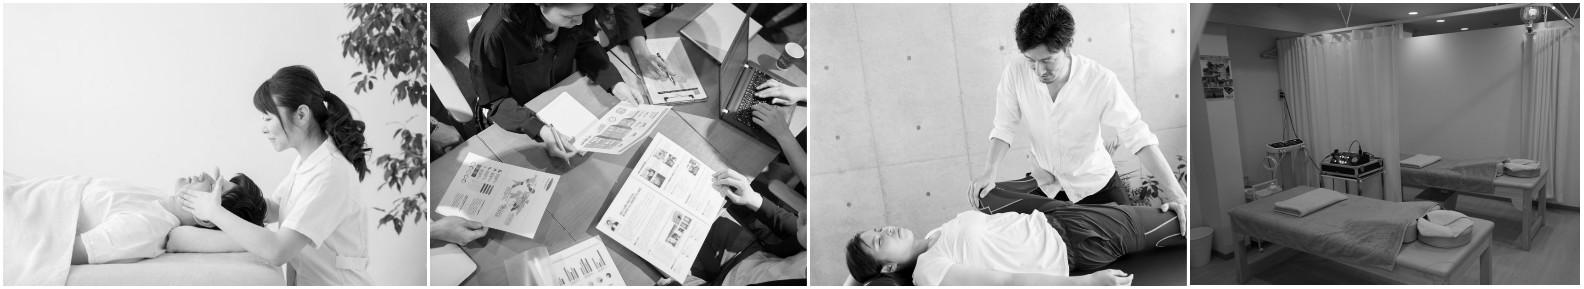 事業内容のイメージ写真(院内、打ち合わせ、施術、顔の施術)